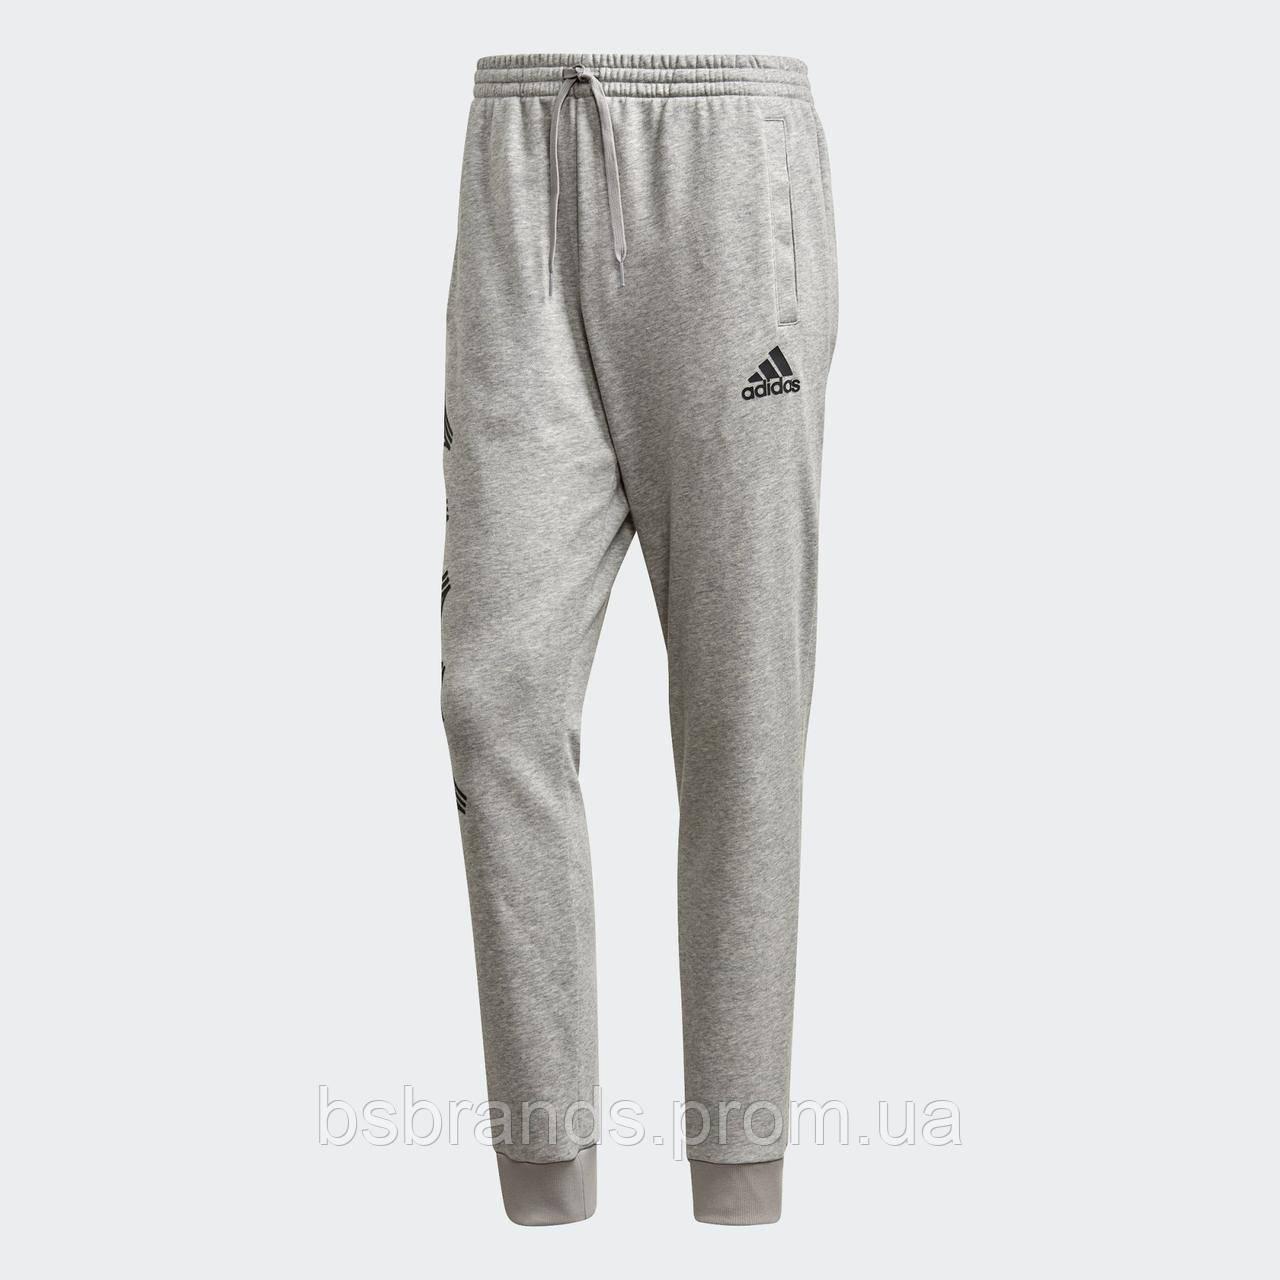 Мужские штаны адидас GE5184 (2020/2)